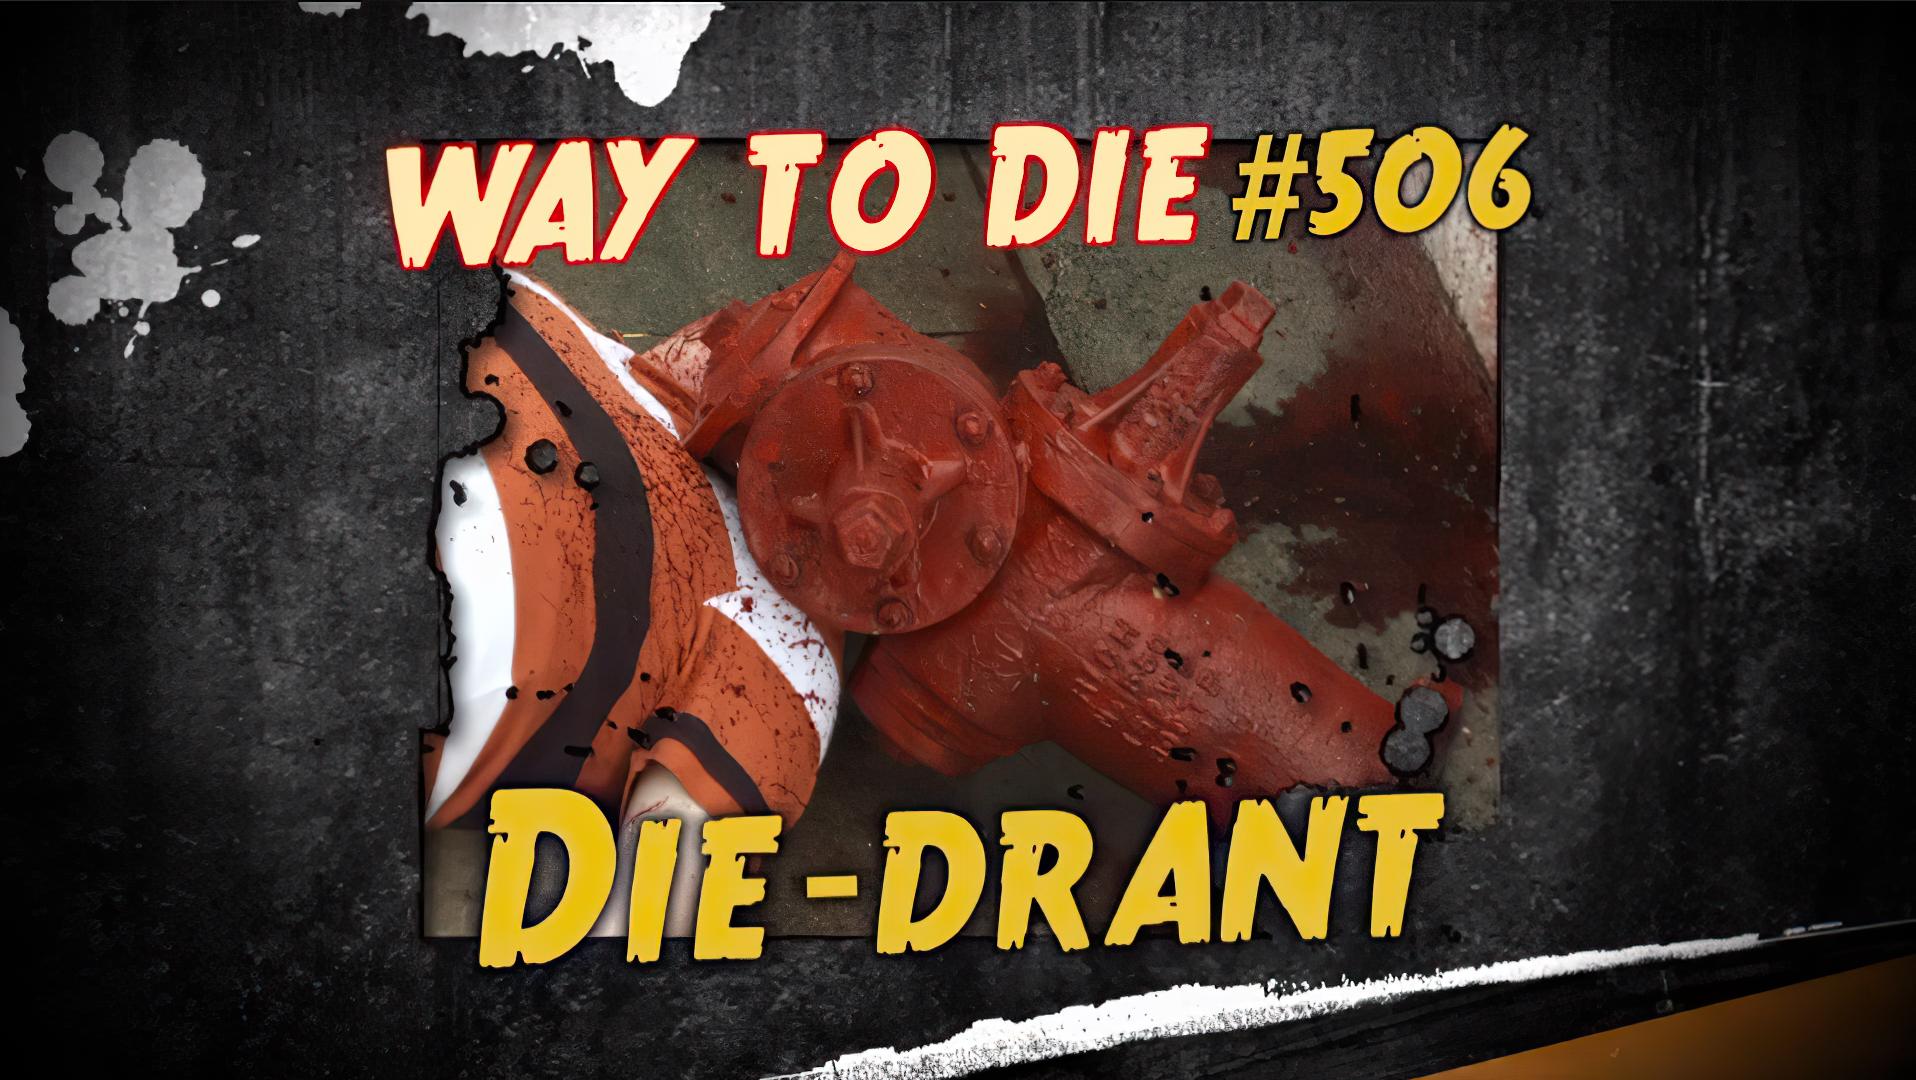 Die-drant